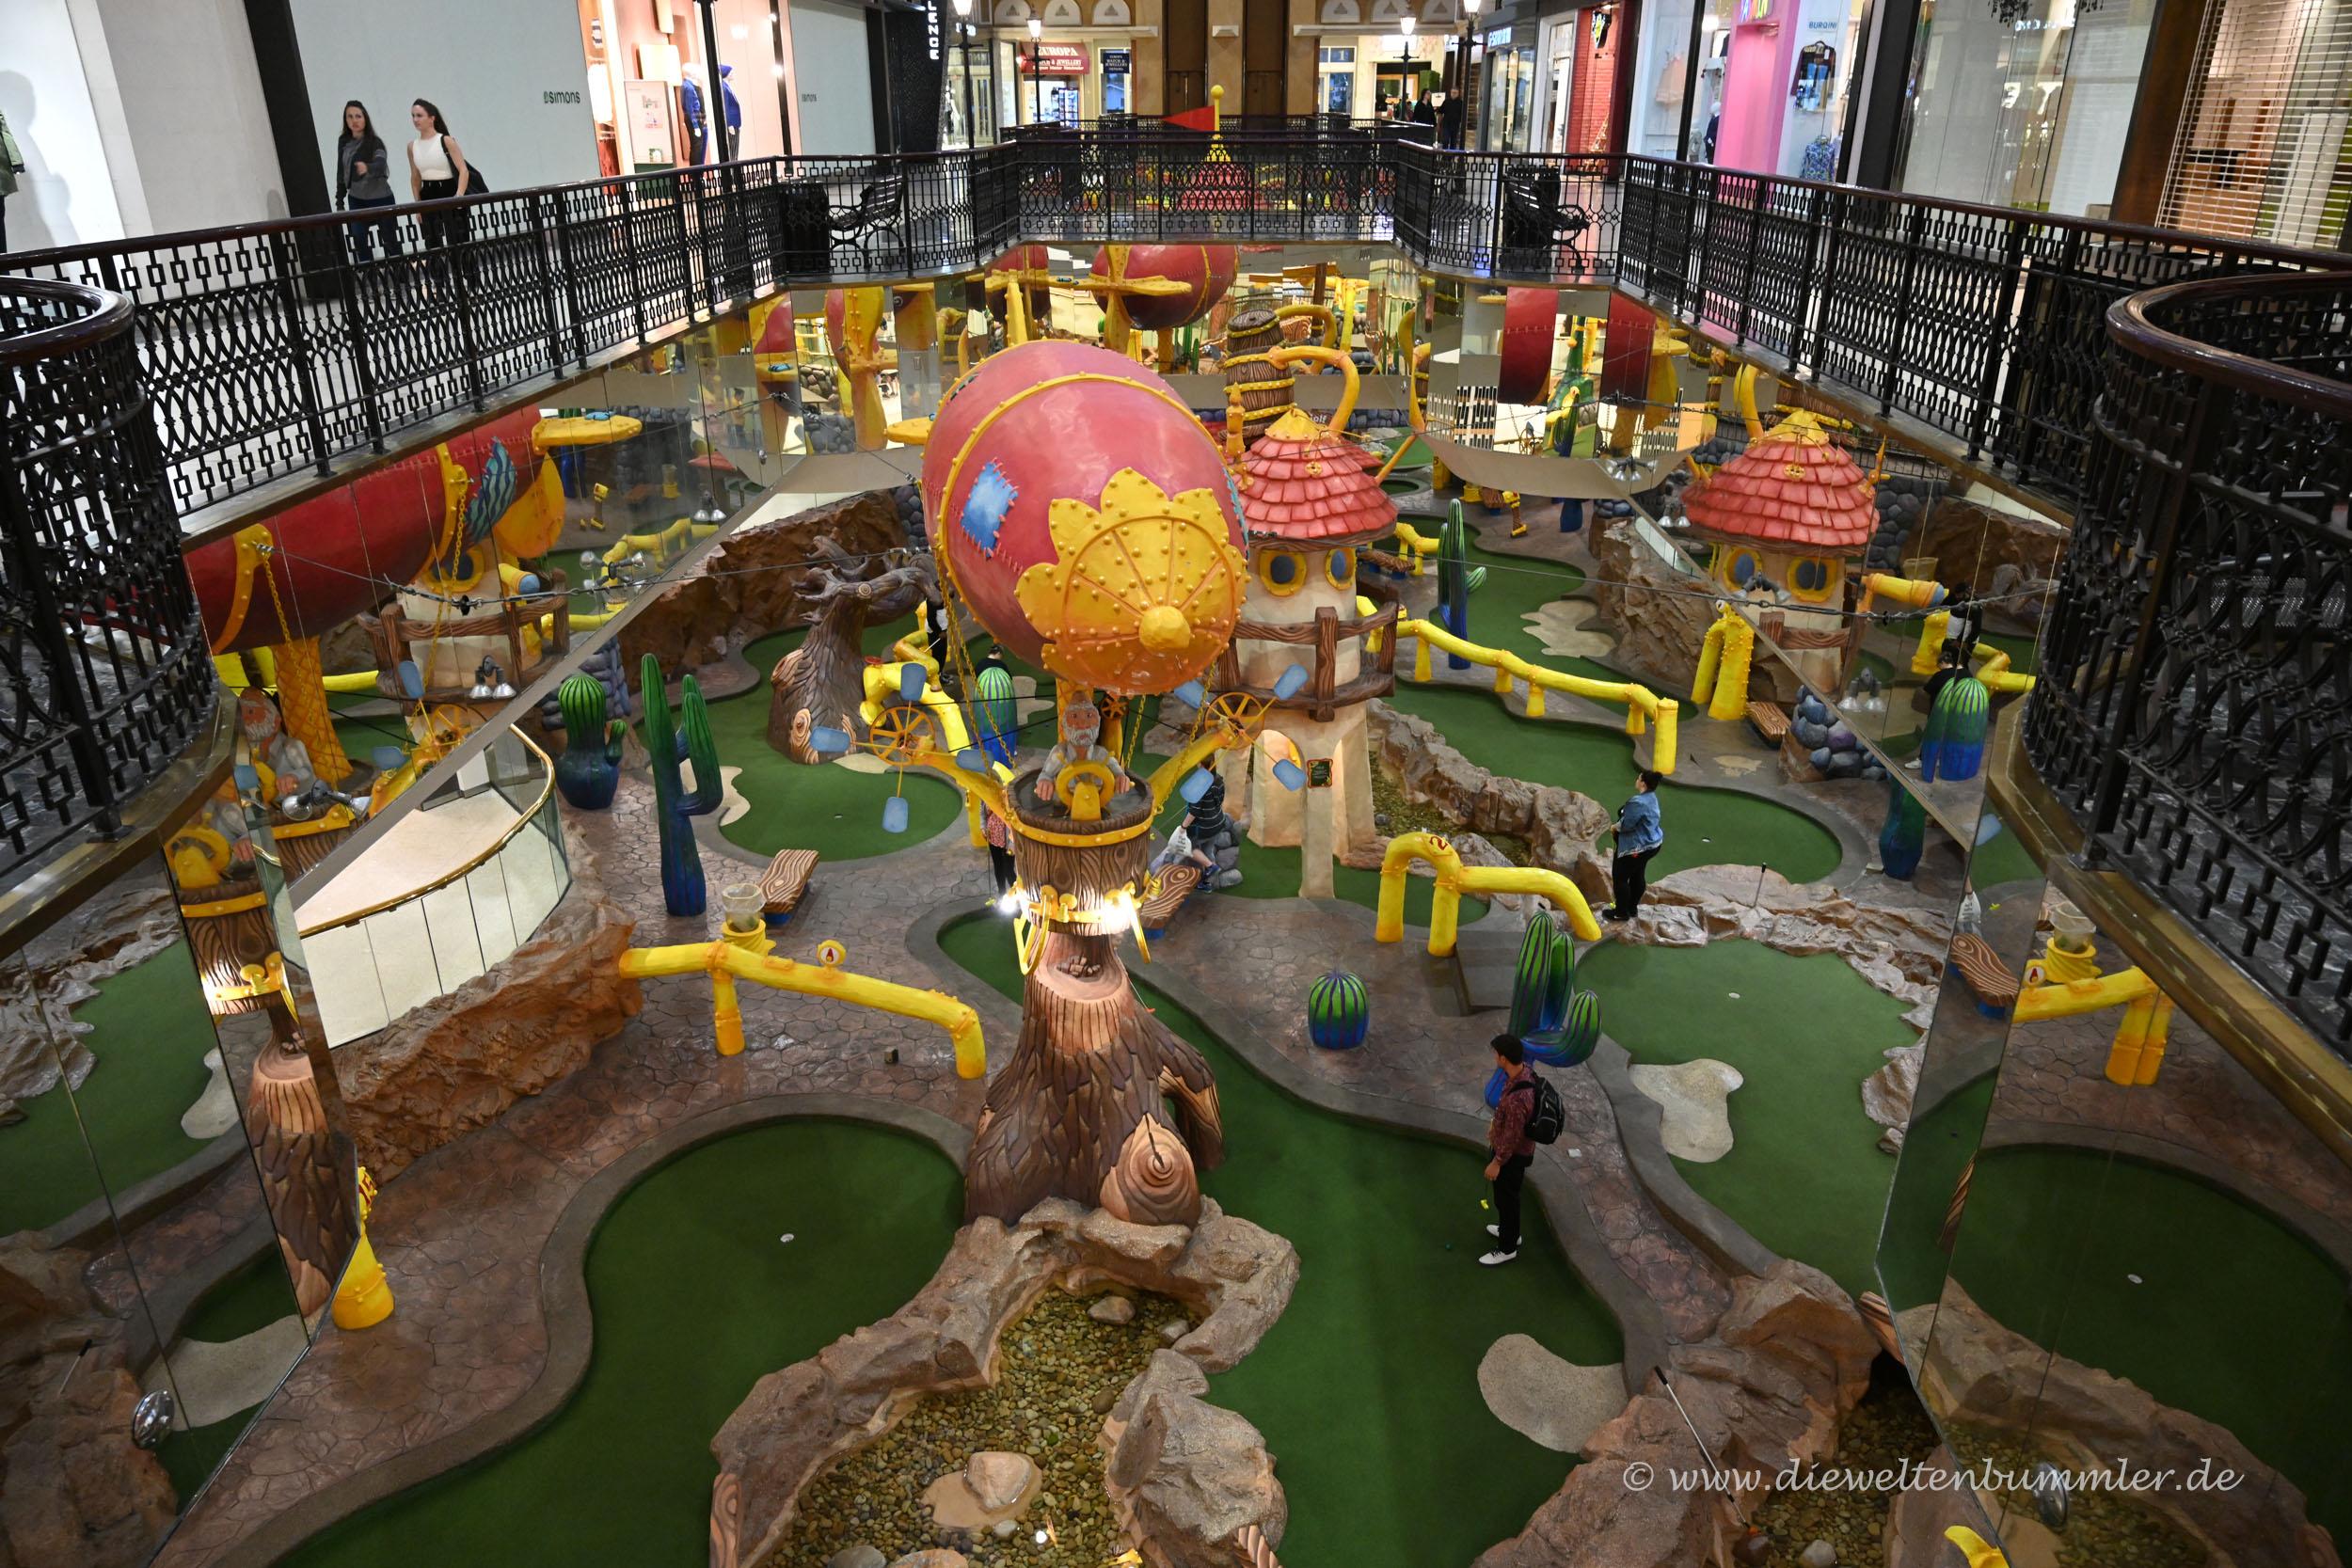 Spieleparadies für Kinder